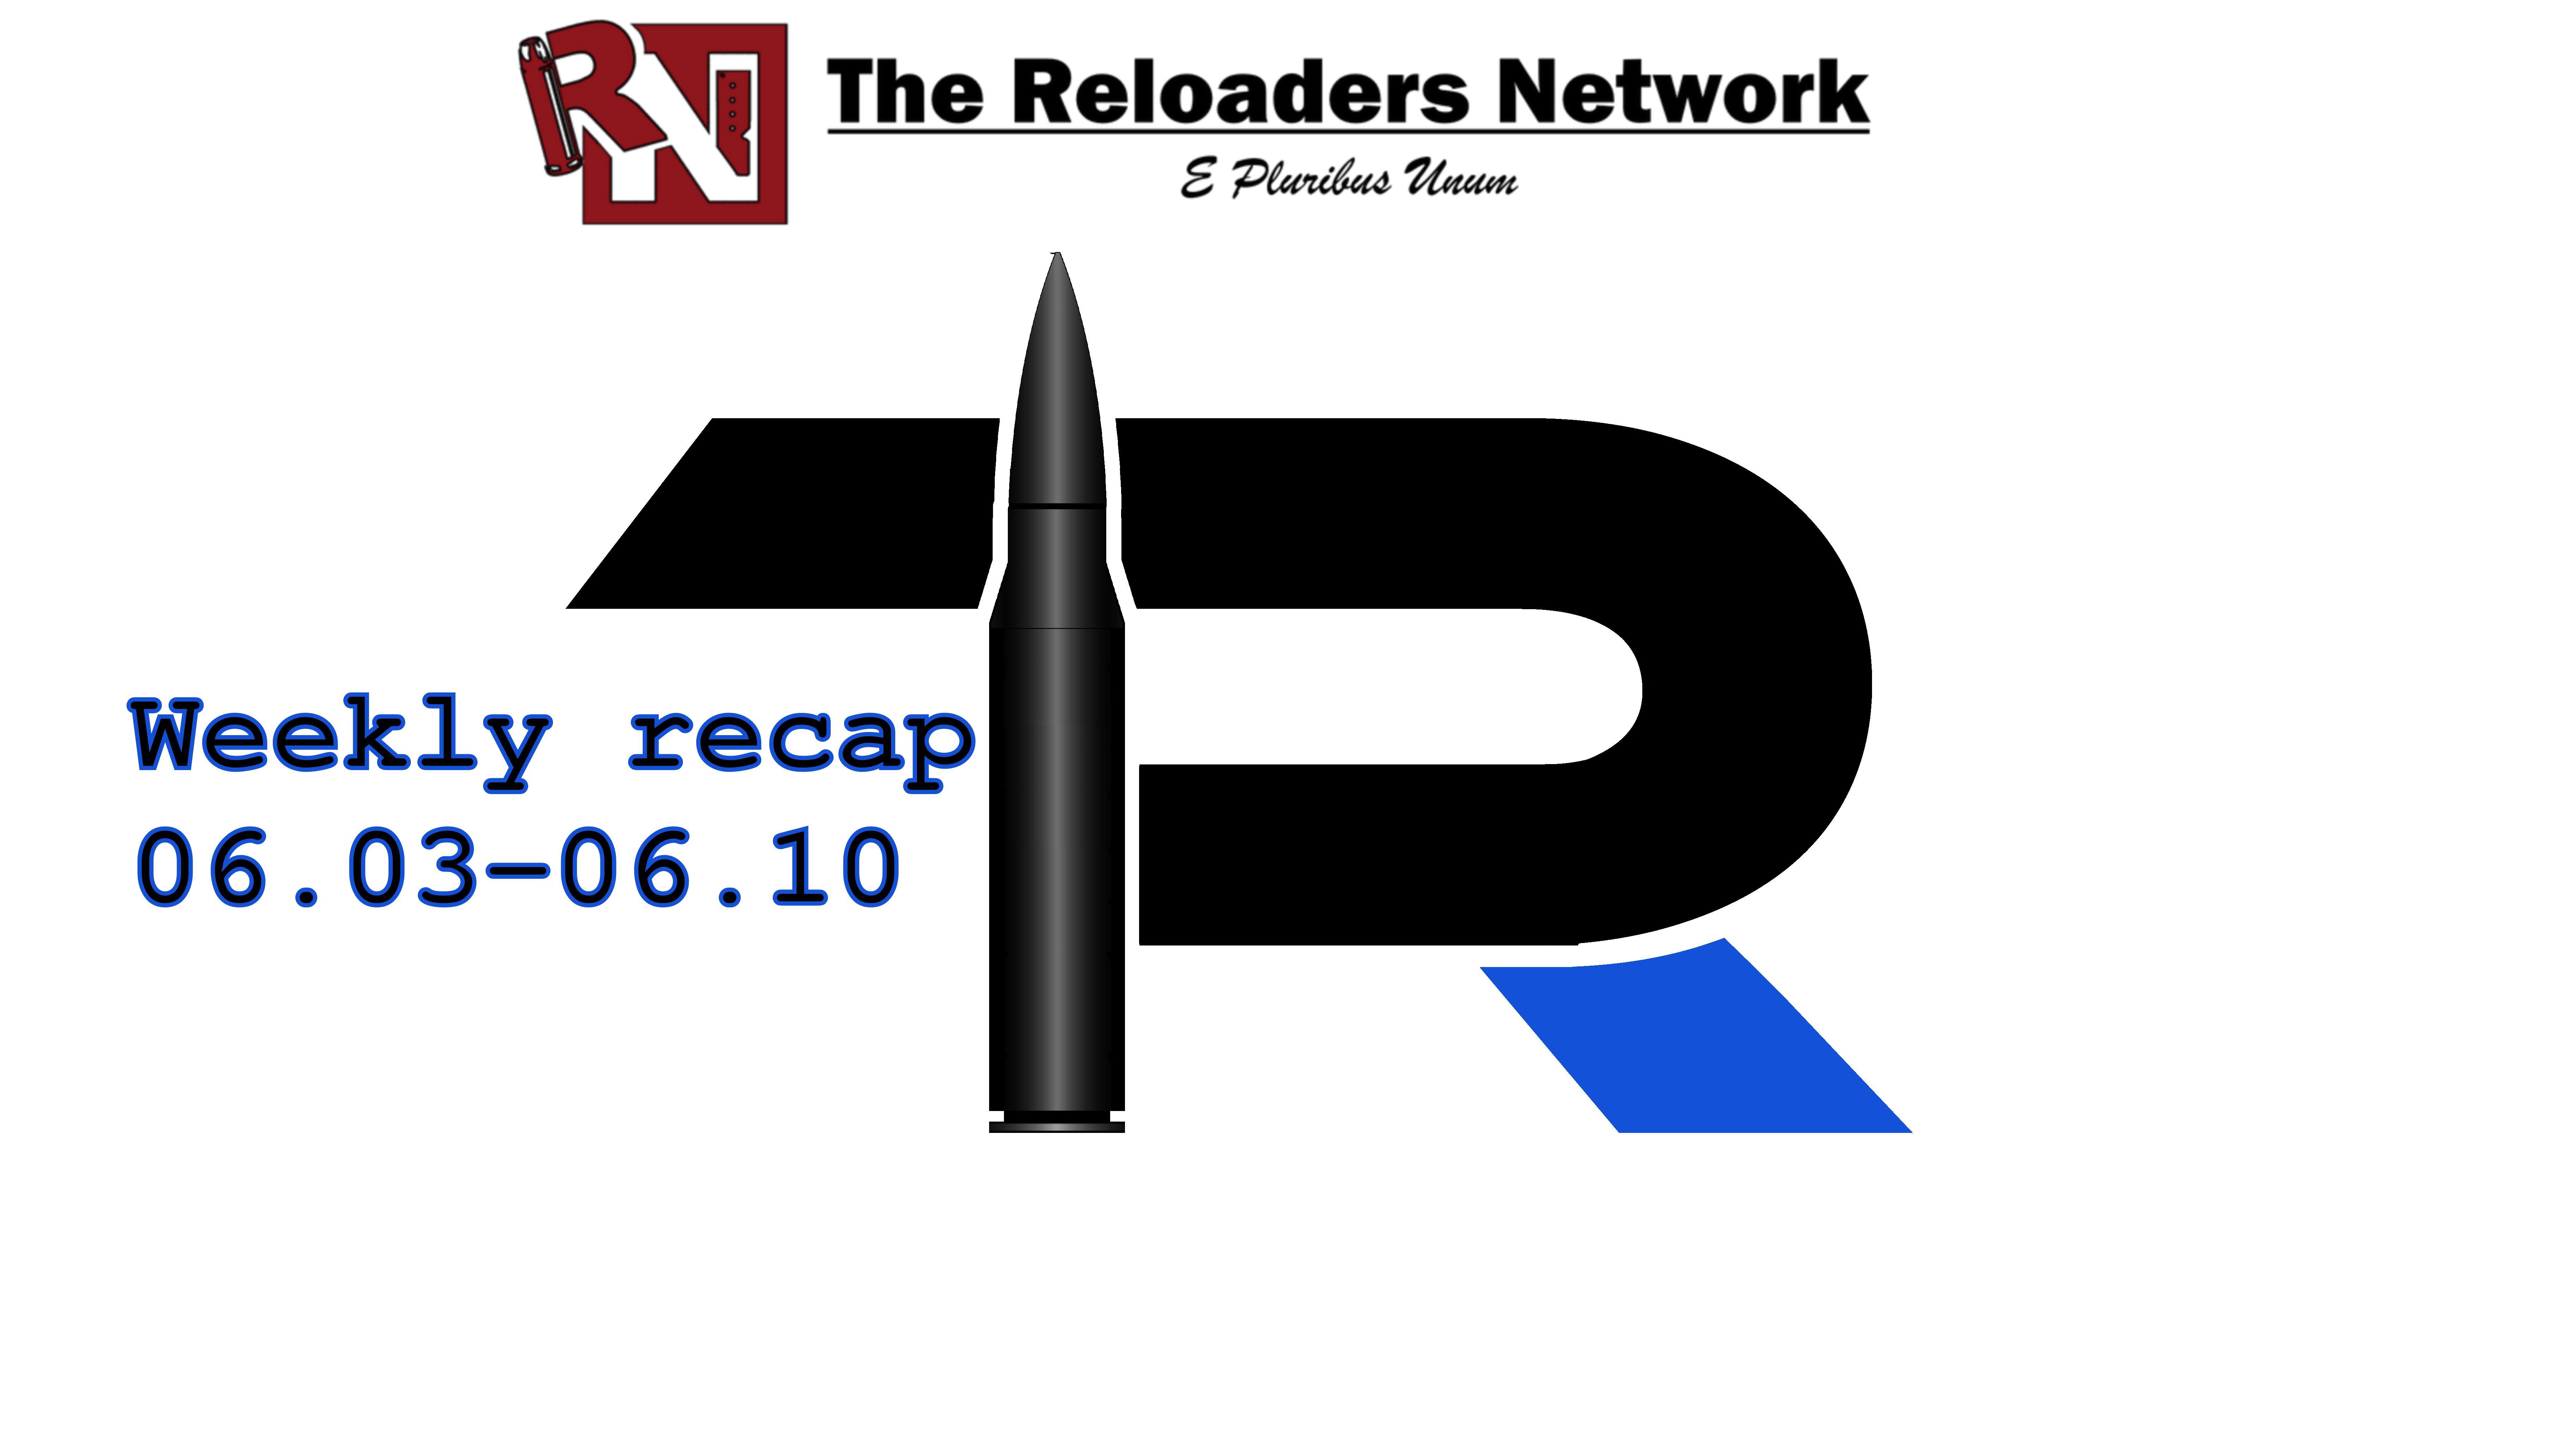 TRN Weekly Recap Cover11